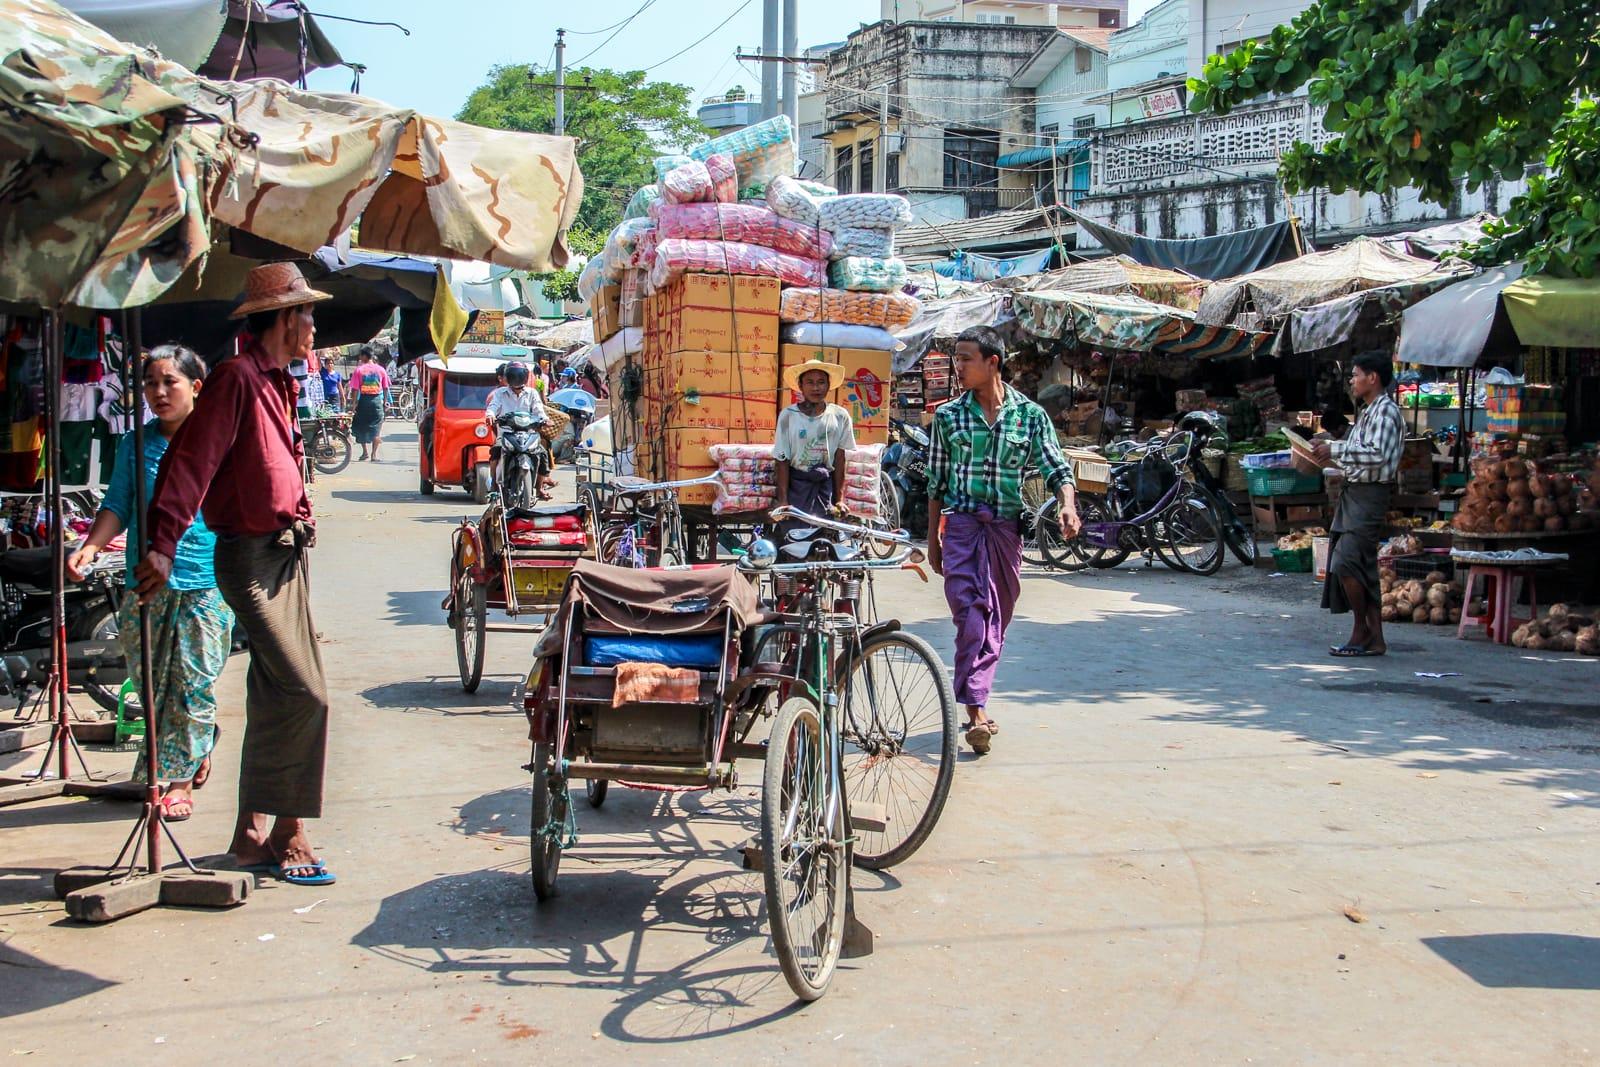 Hướng dẫn du lịch Myanmar